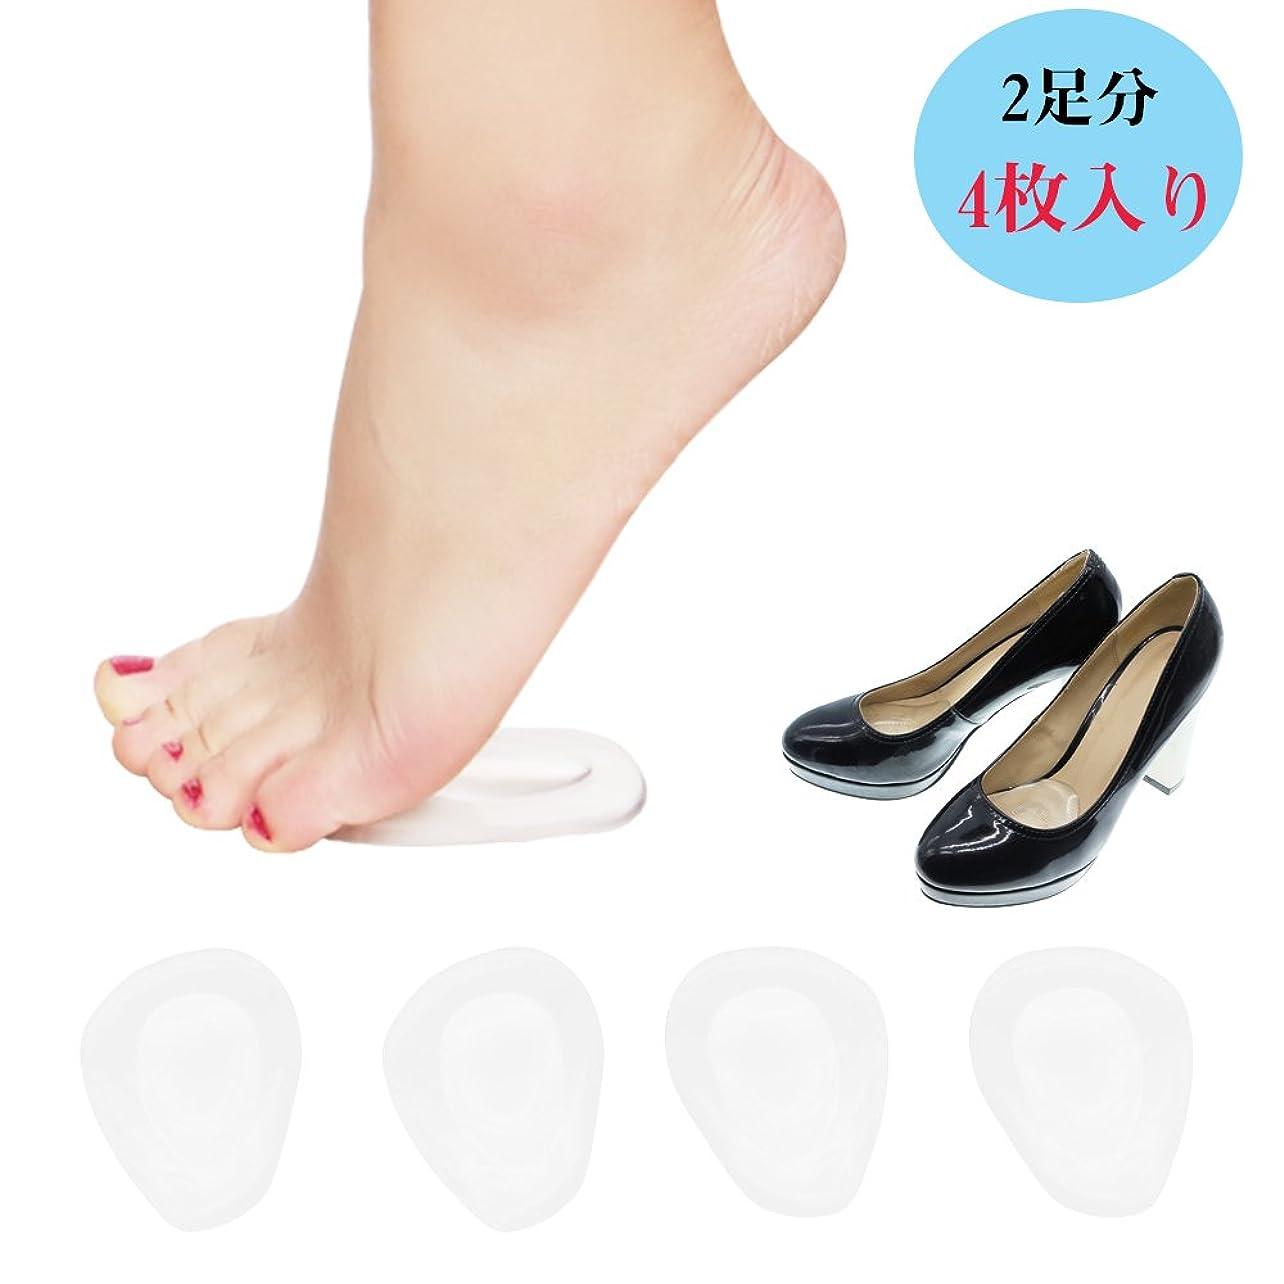 起きてペンホバーインソール,前ズレ防止 ジェルパッド つま先の痛み緩和 足裏マッサージ 靴ずれ防止パッド 柔らかい つま先ジェルクッション 2足分(4枚)2色選択 By Dr.Orem (透明)